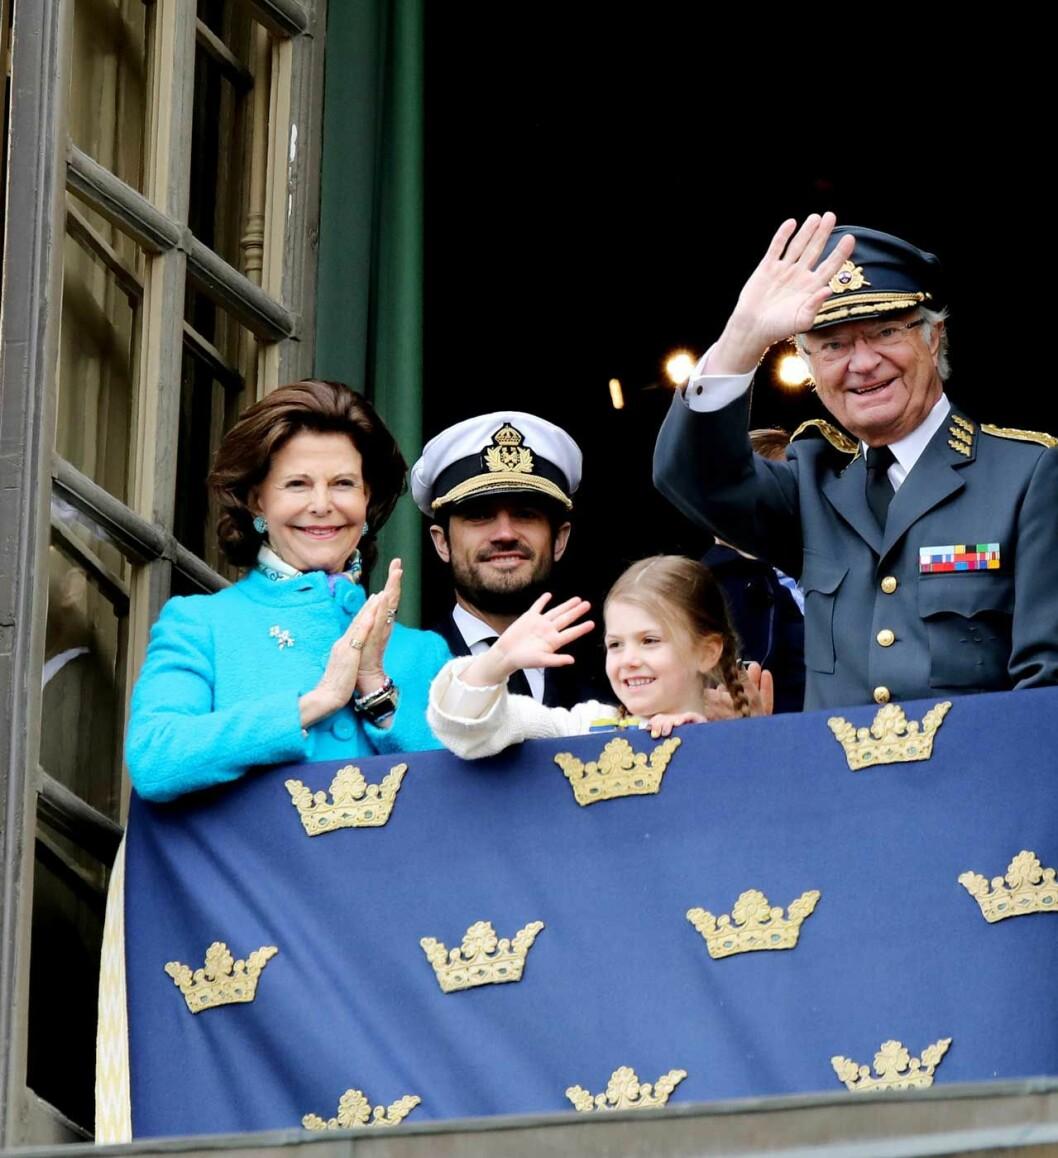 Drottningen, prins Carl Philip och prinsessan Estelle firar kungen på födelsedagen.